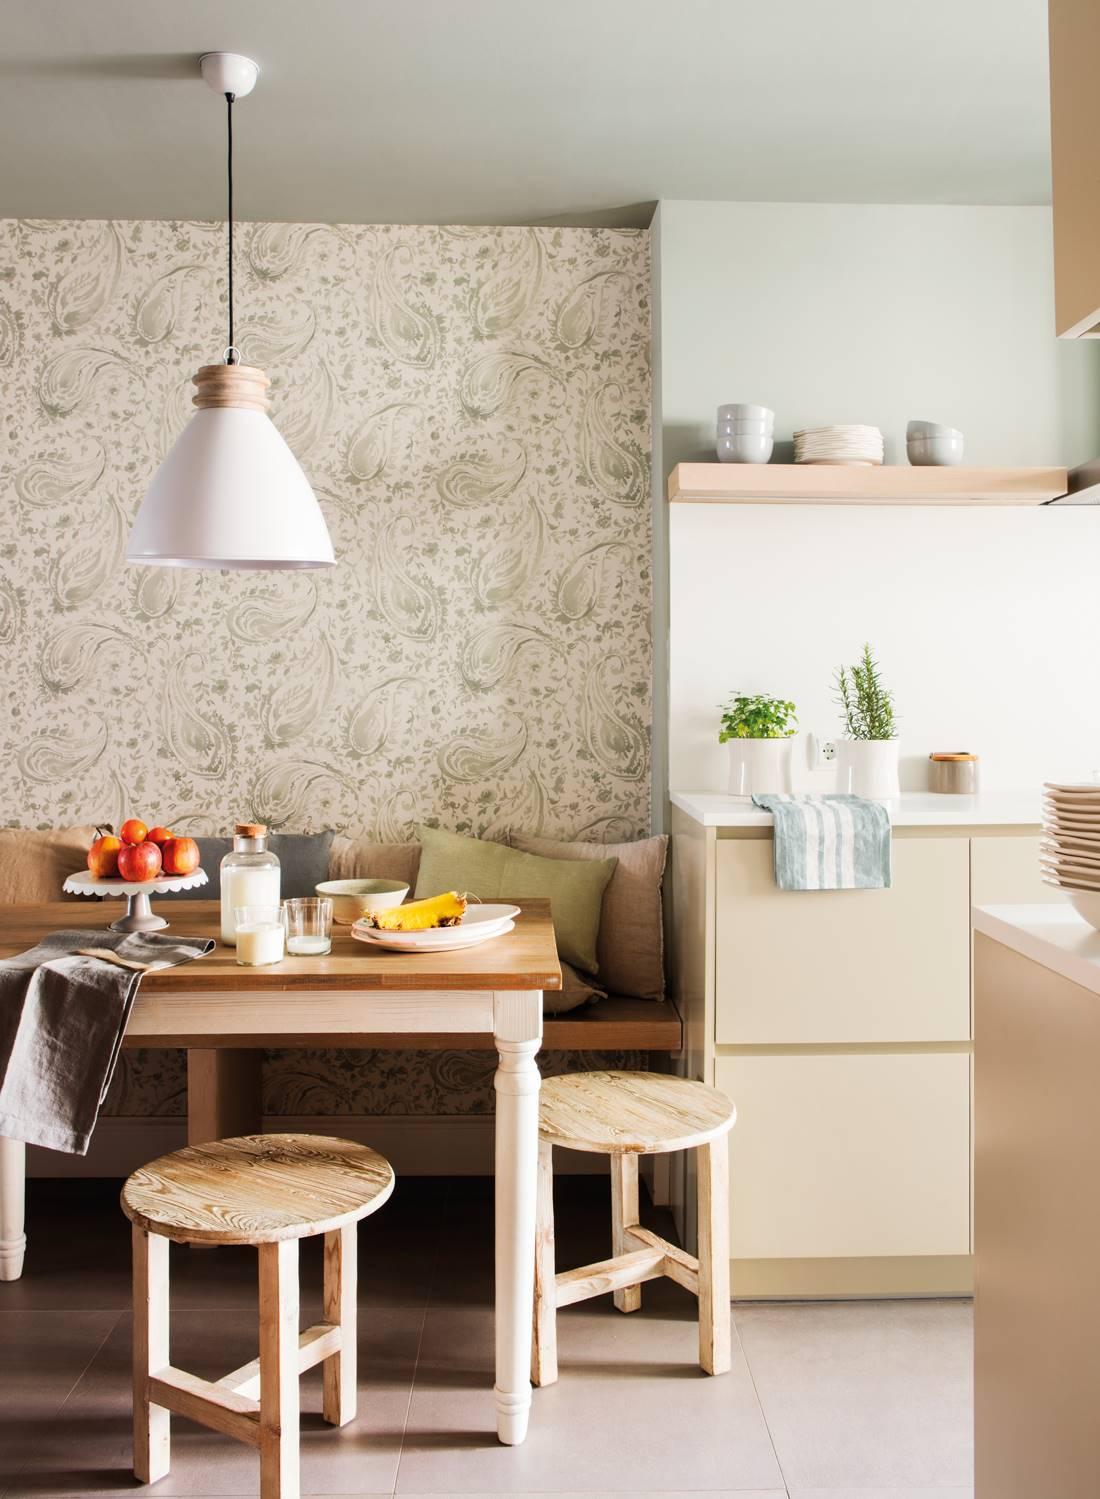 655 fotos de papel pintado - Papel pintado en cocina ...